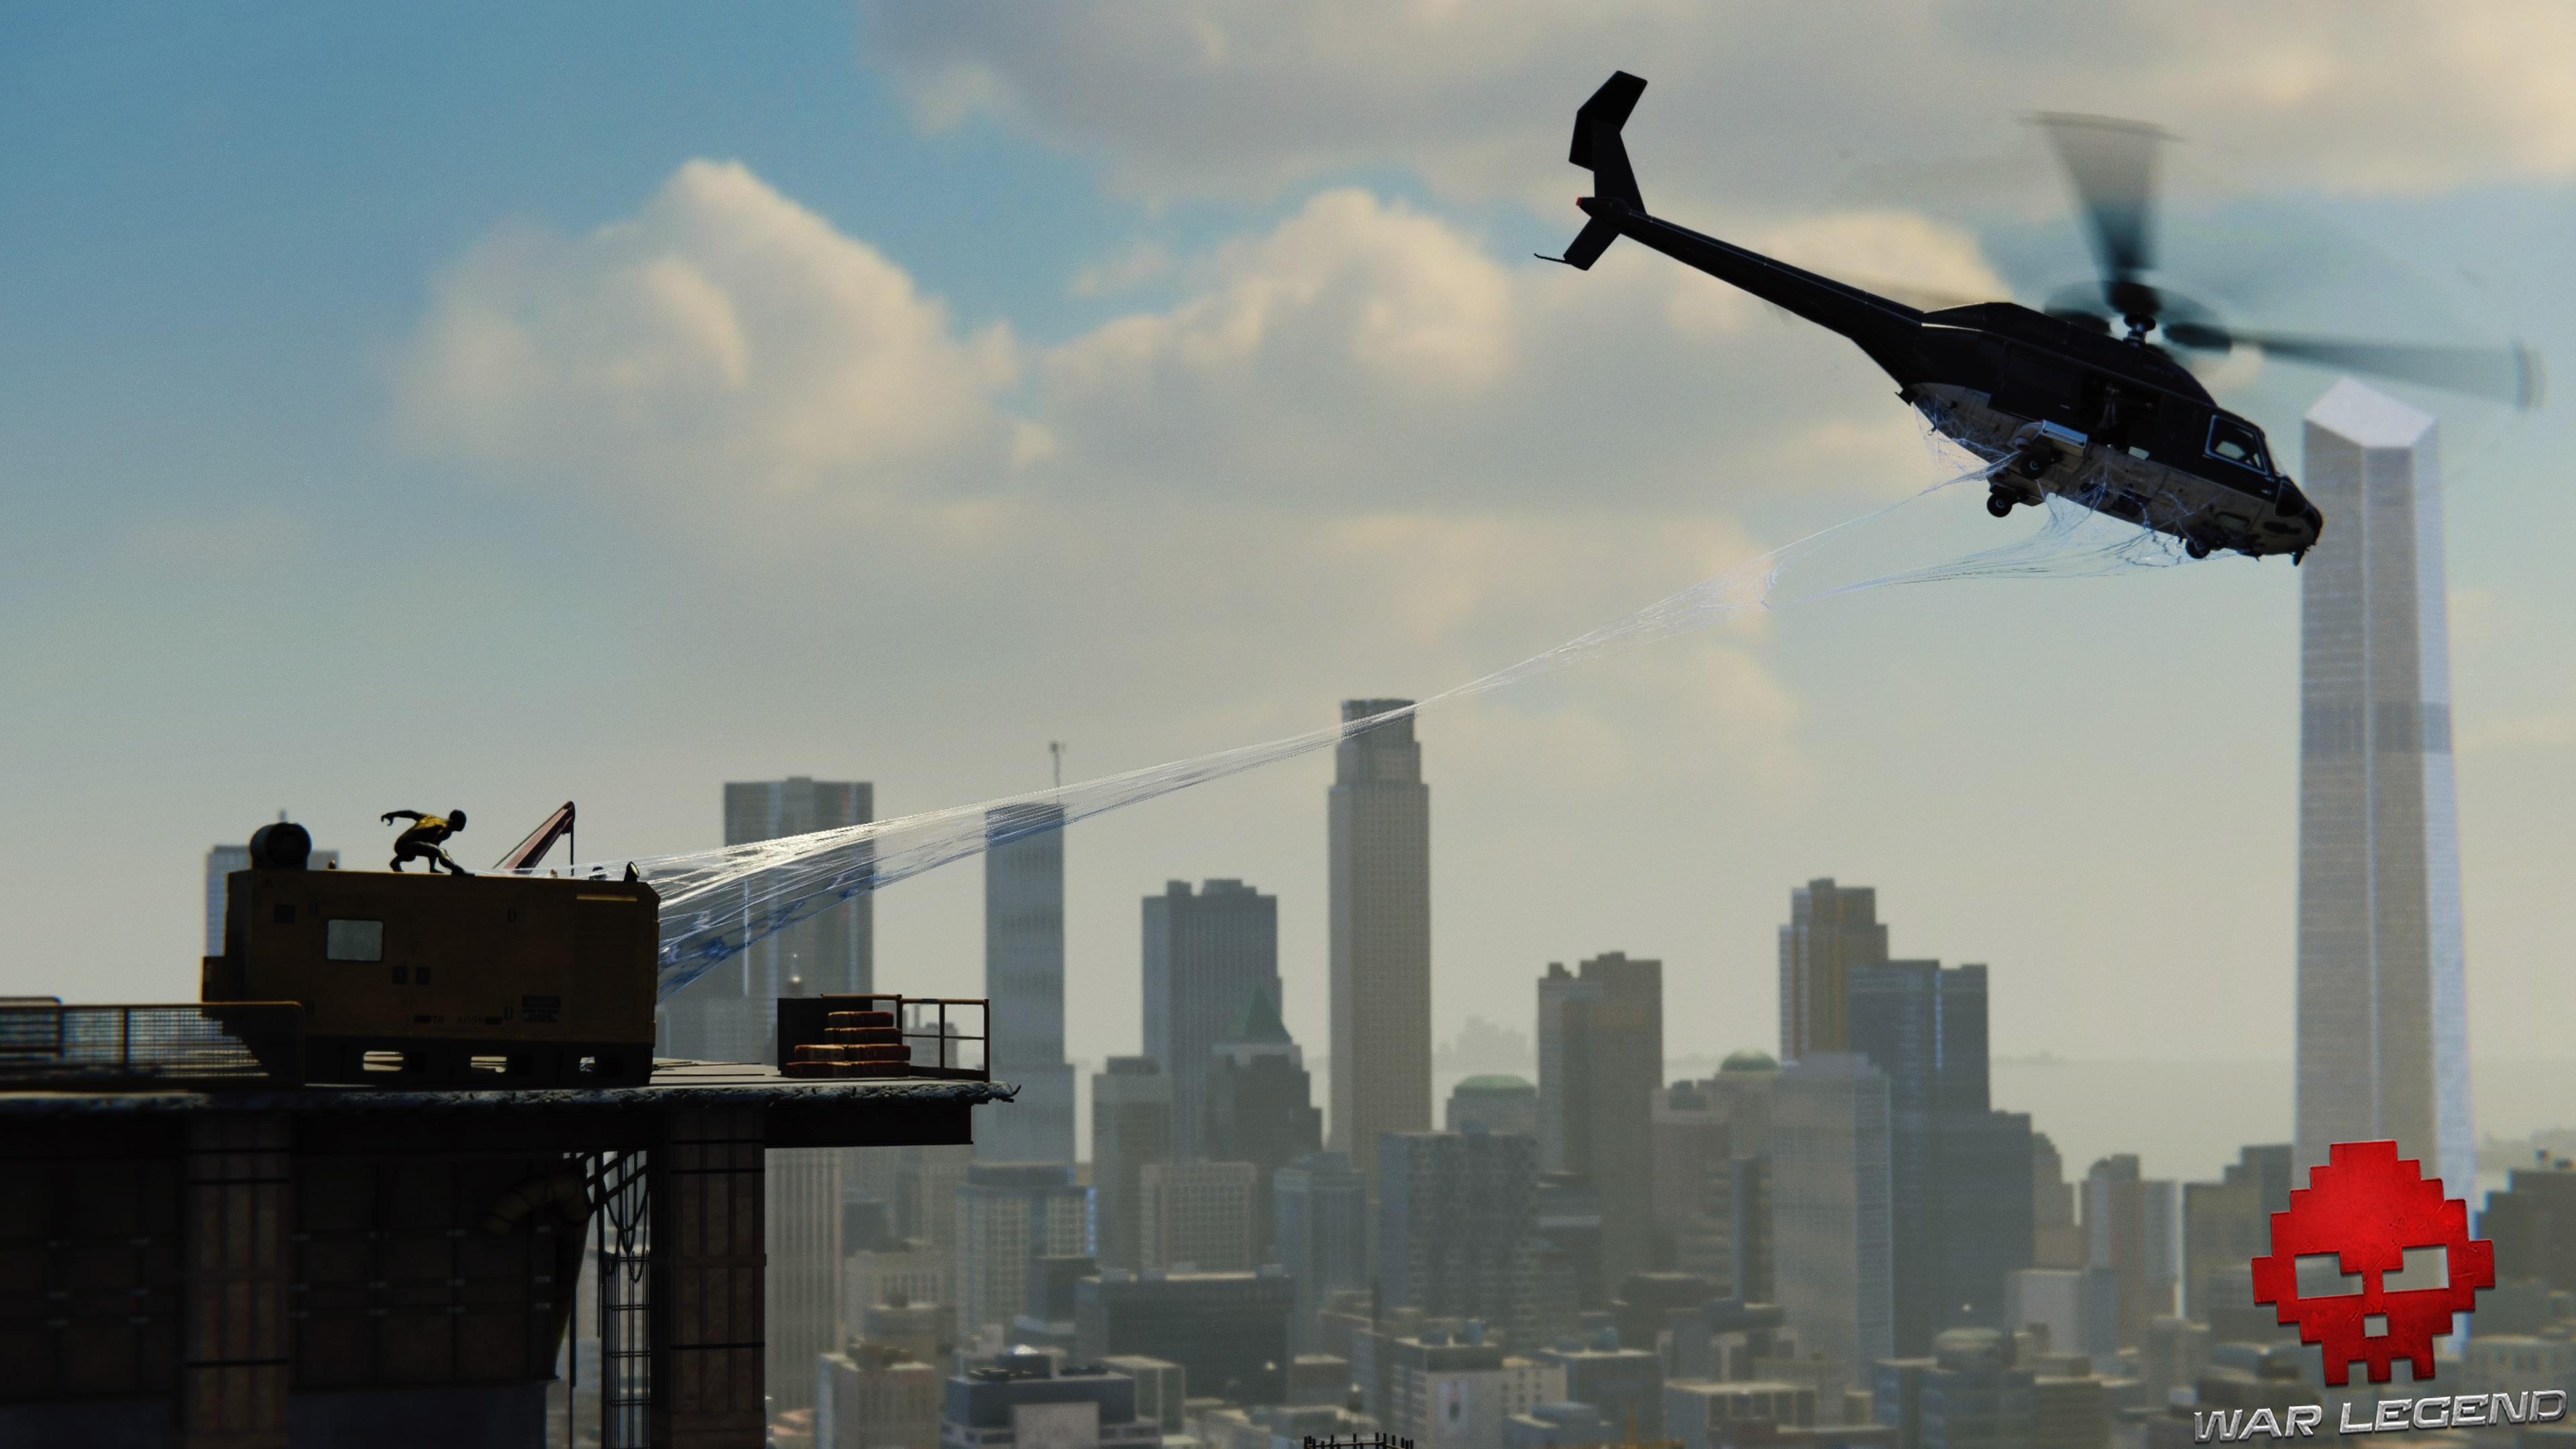 Vignette solution spider-man le feu aux poudres Spiderman entoile un hélicoptère